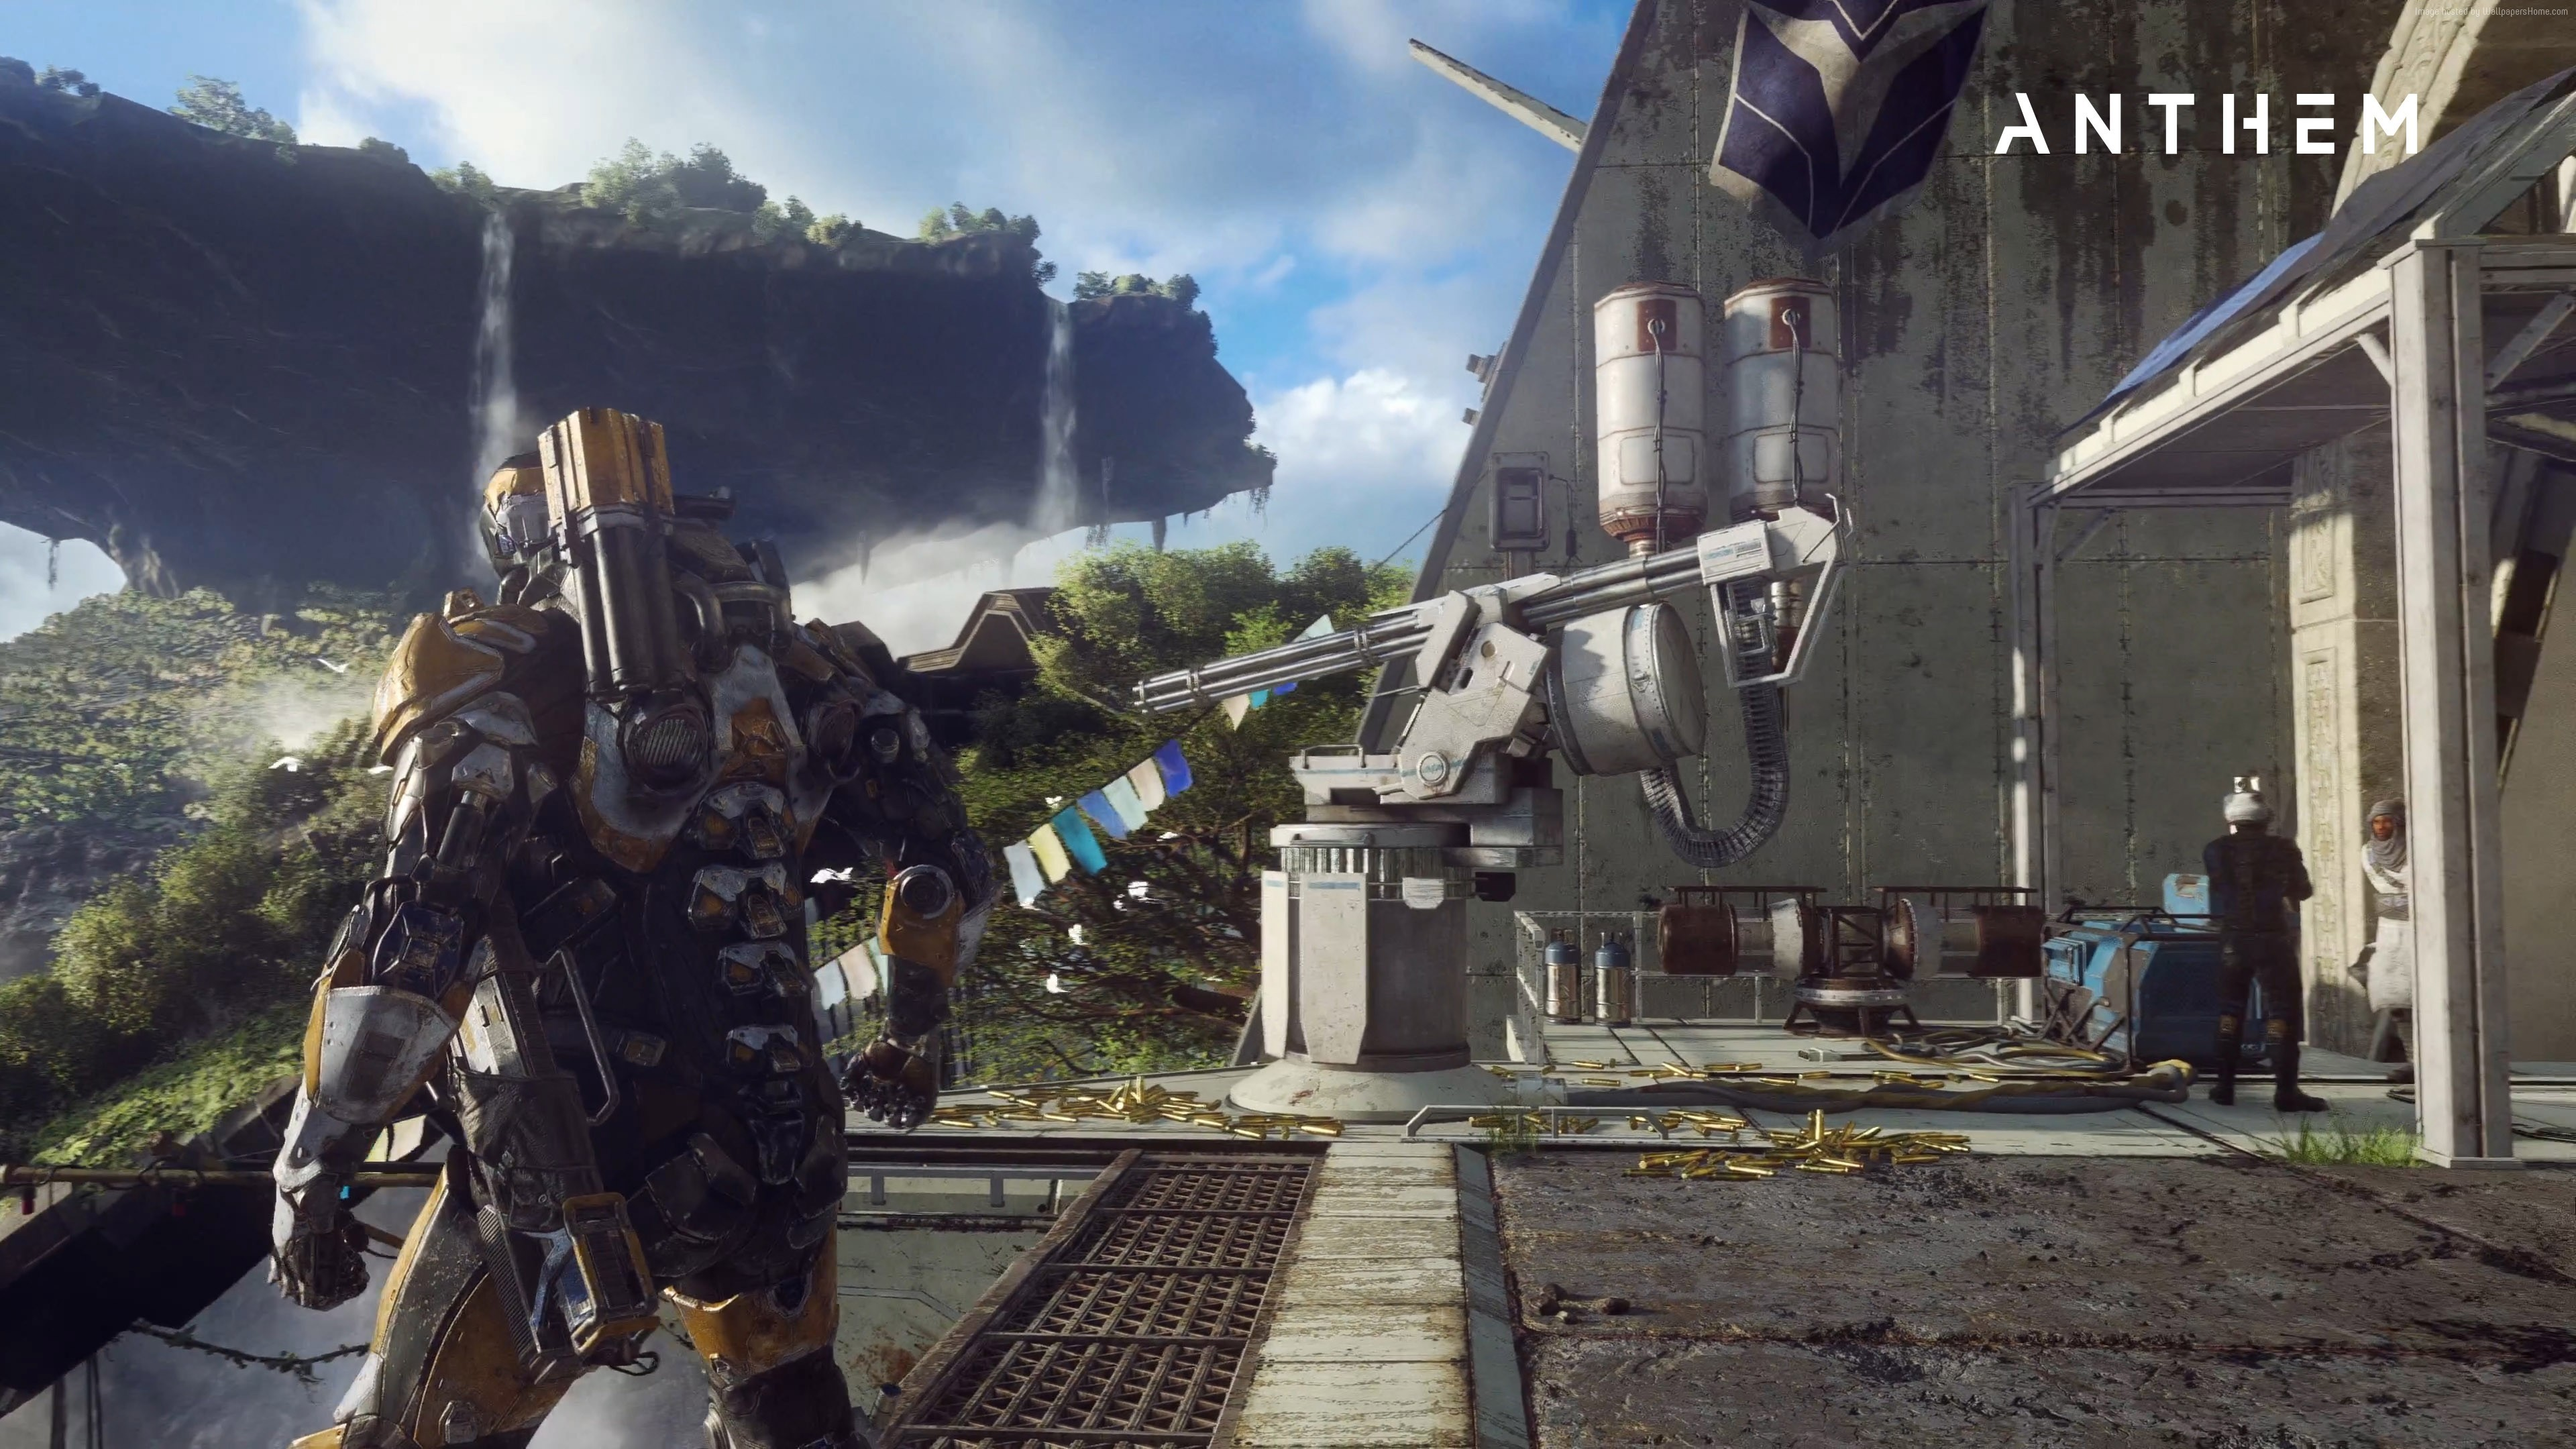 Anthem, 4k, screenshot, gameplay, E3 2017 (horizontal) …